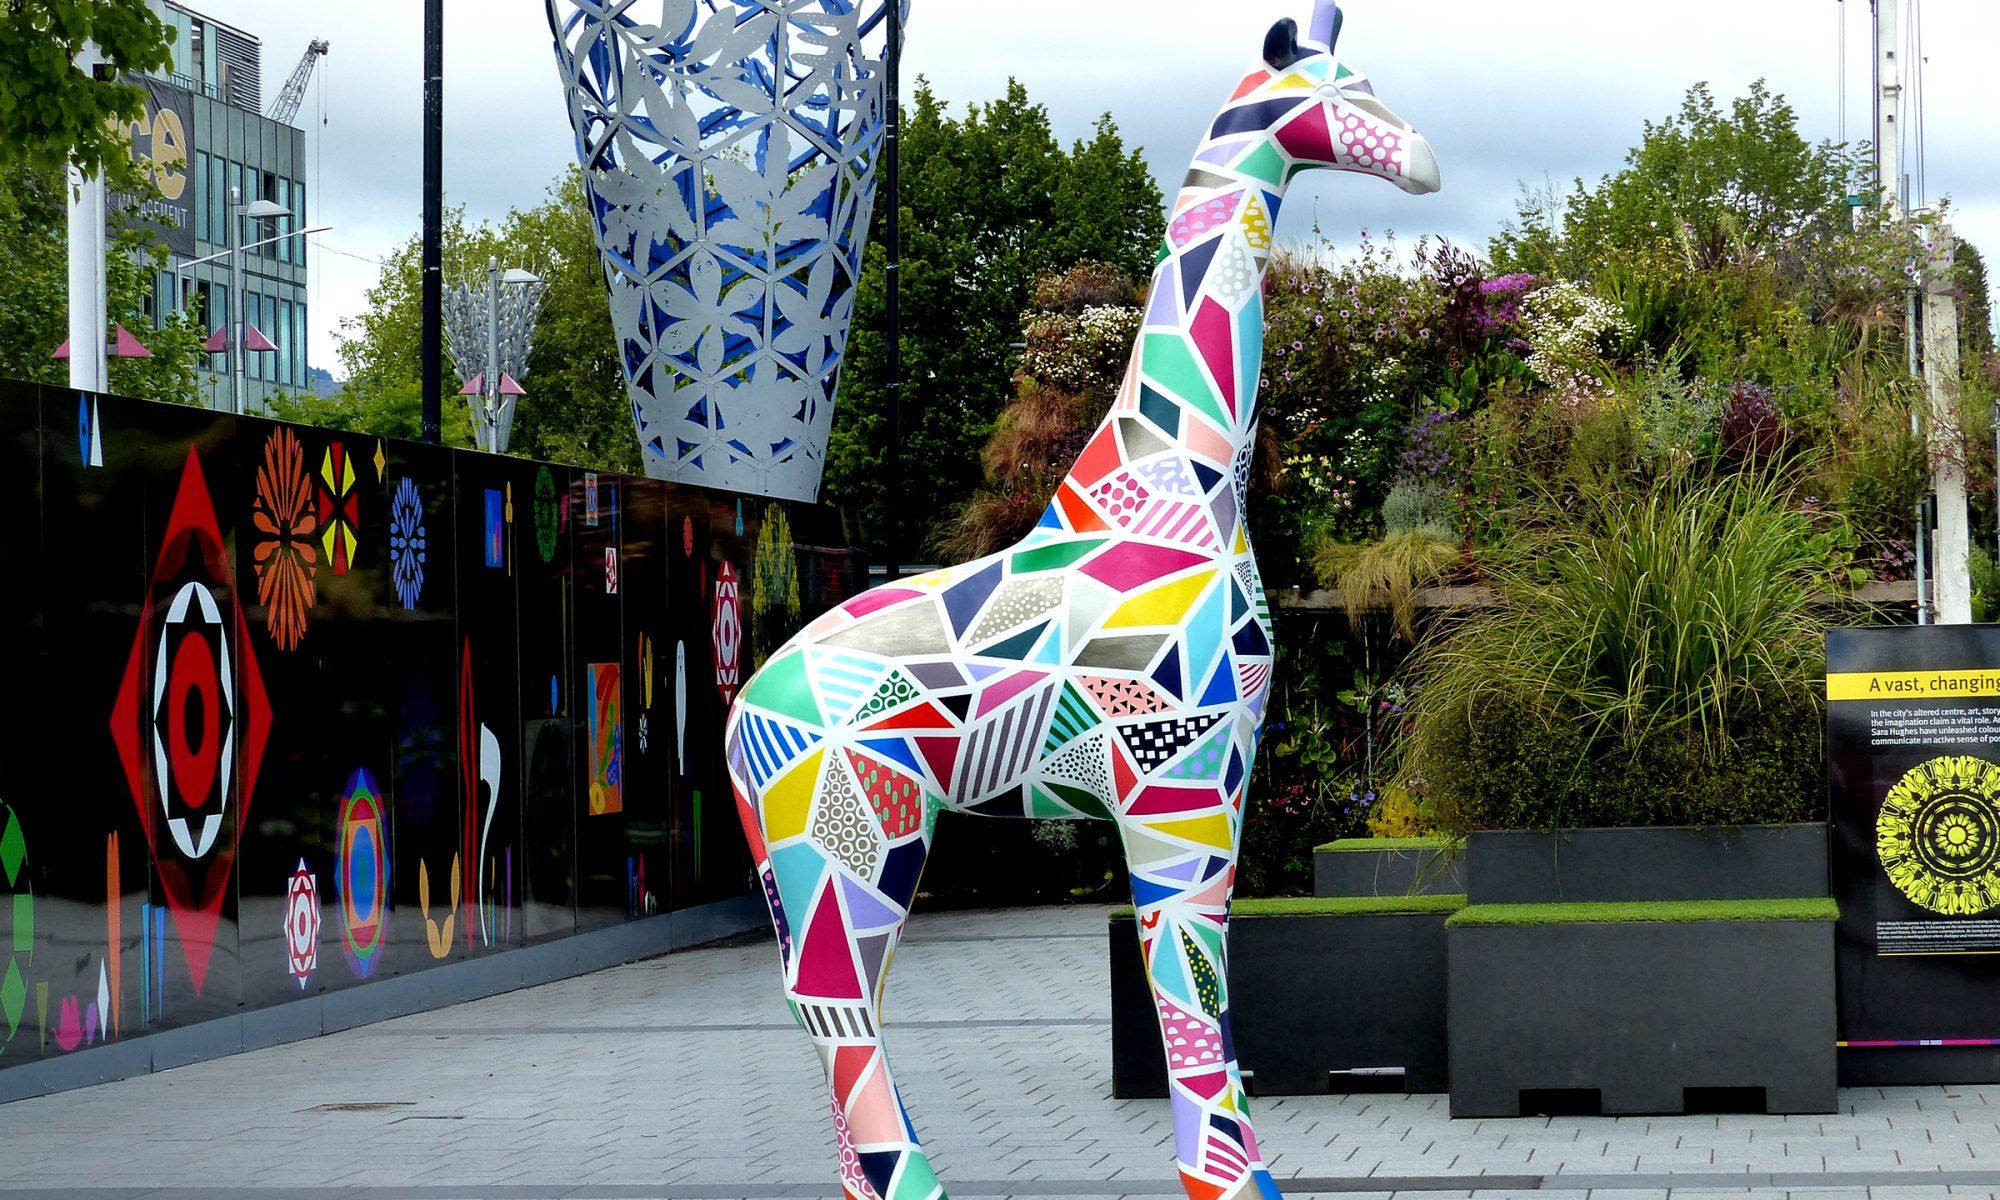 art-festival-publicart-publicartworks-panasonicdmcfz200-giraffesculptures-171433-pxhere.com